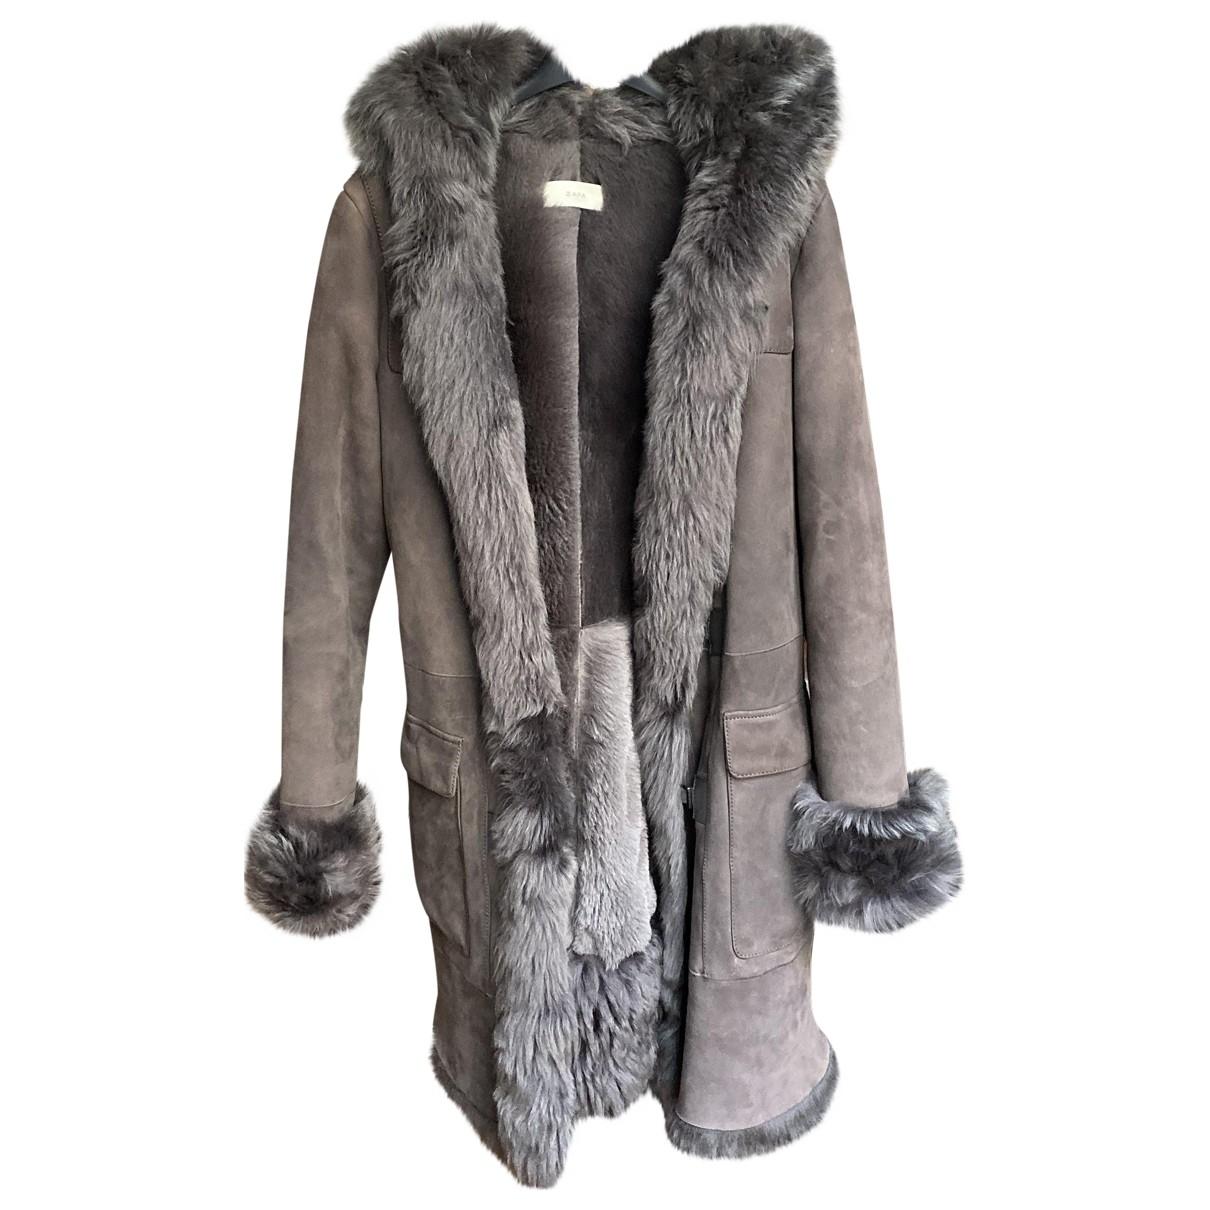 Zapa \N Maentel in  Grau Schaf